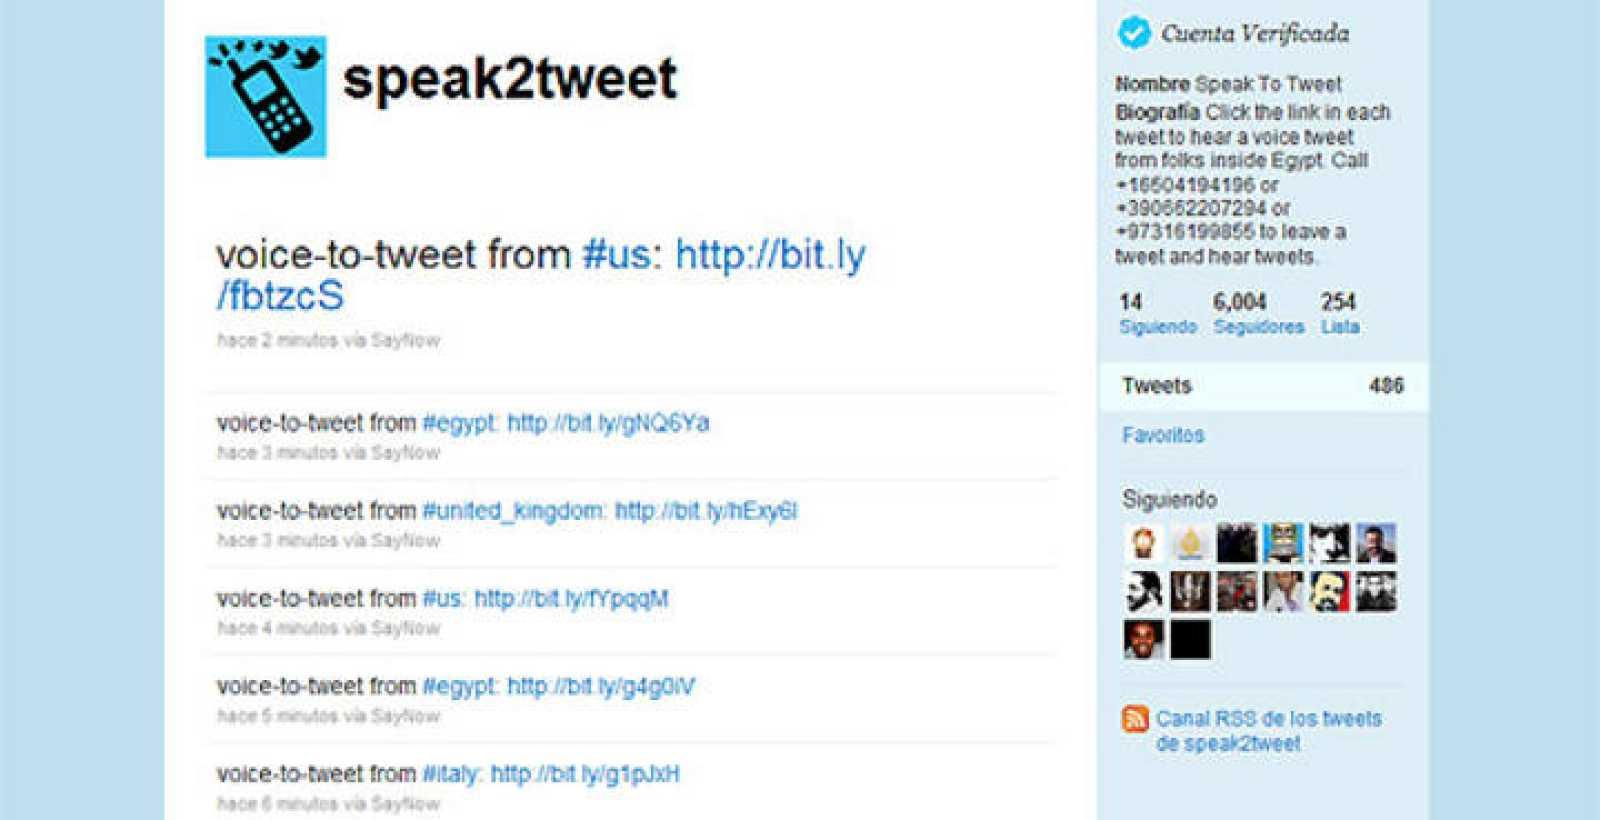 Un contestador automático graba mensajes de teléfono y lo convierte en mensajes de texto que se envían a twitter